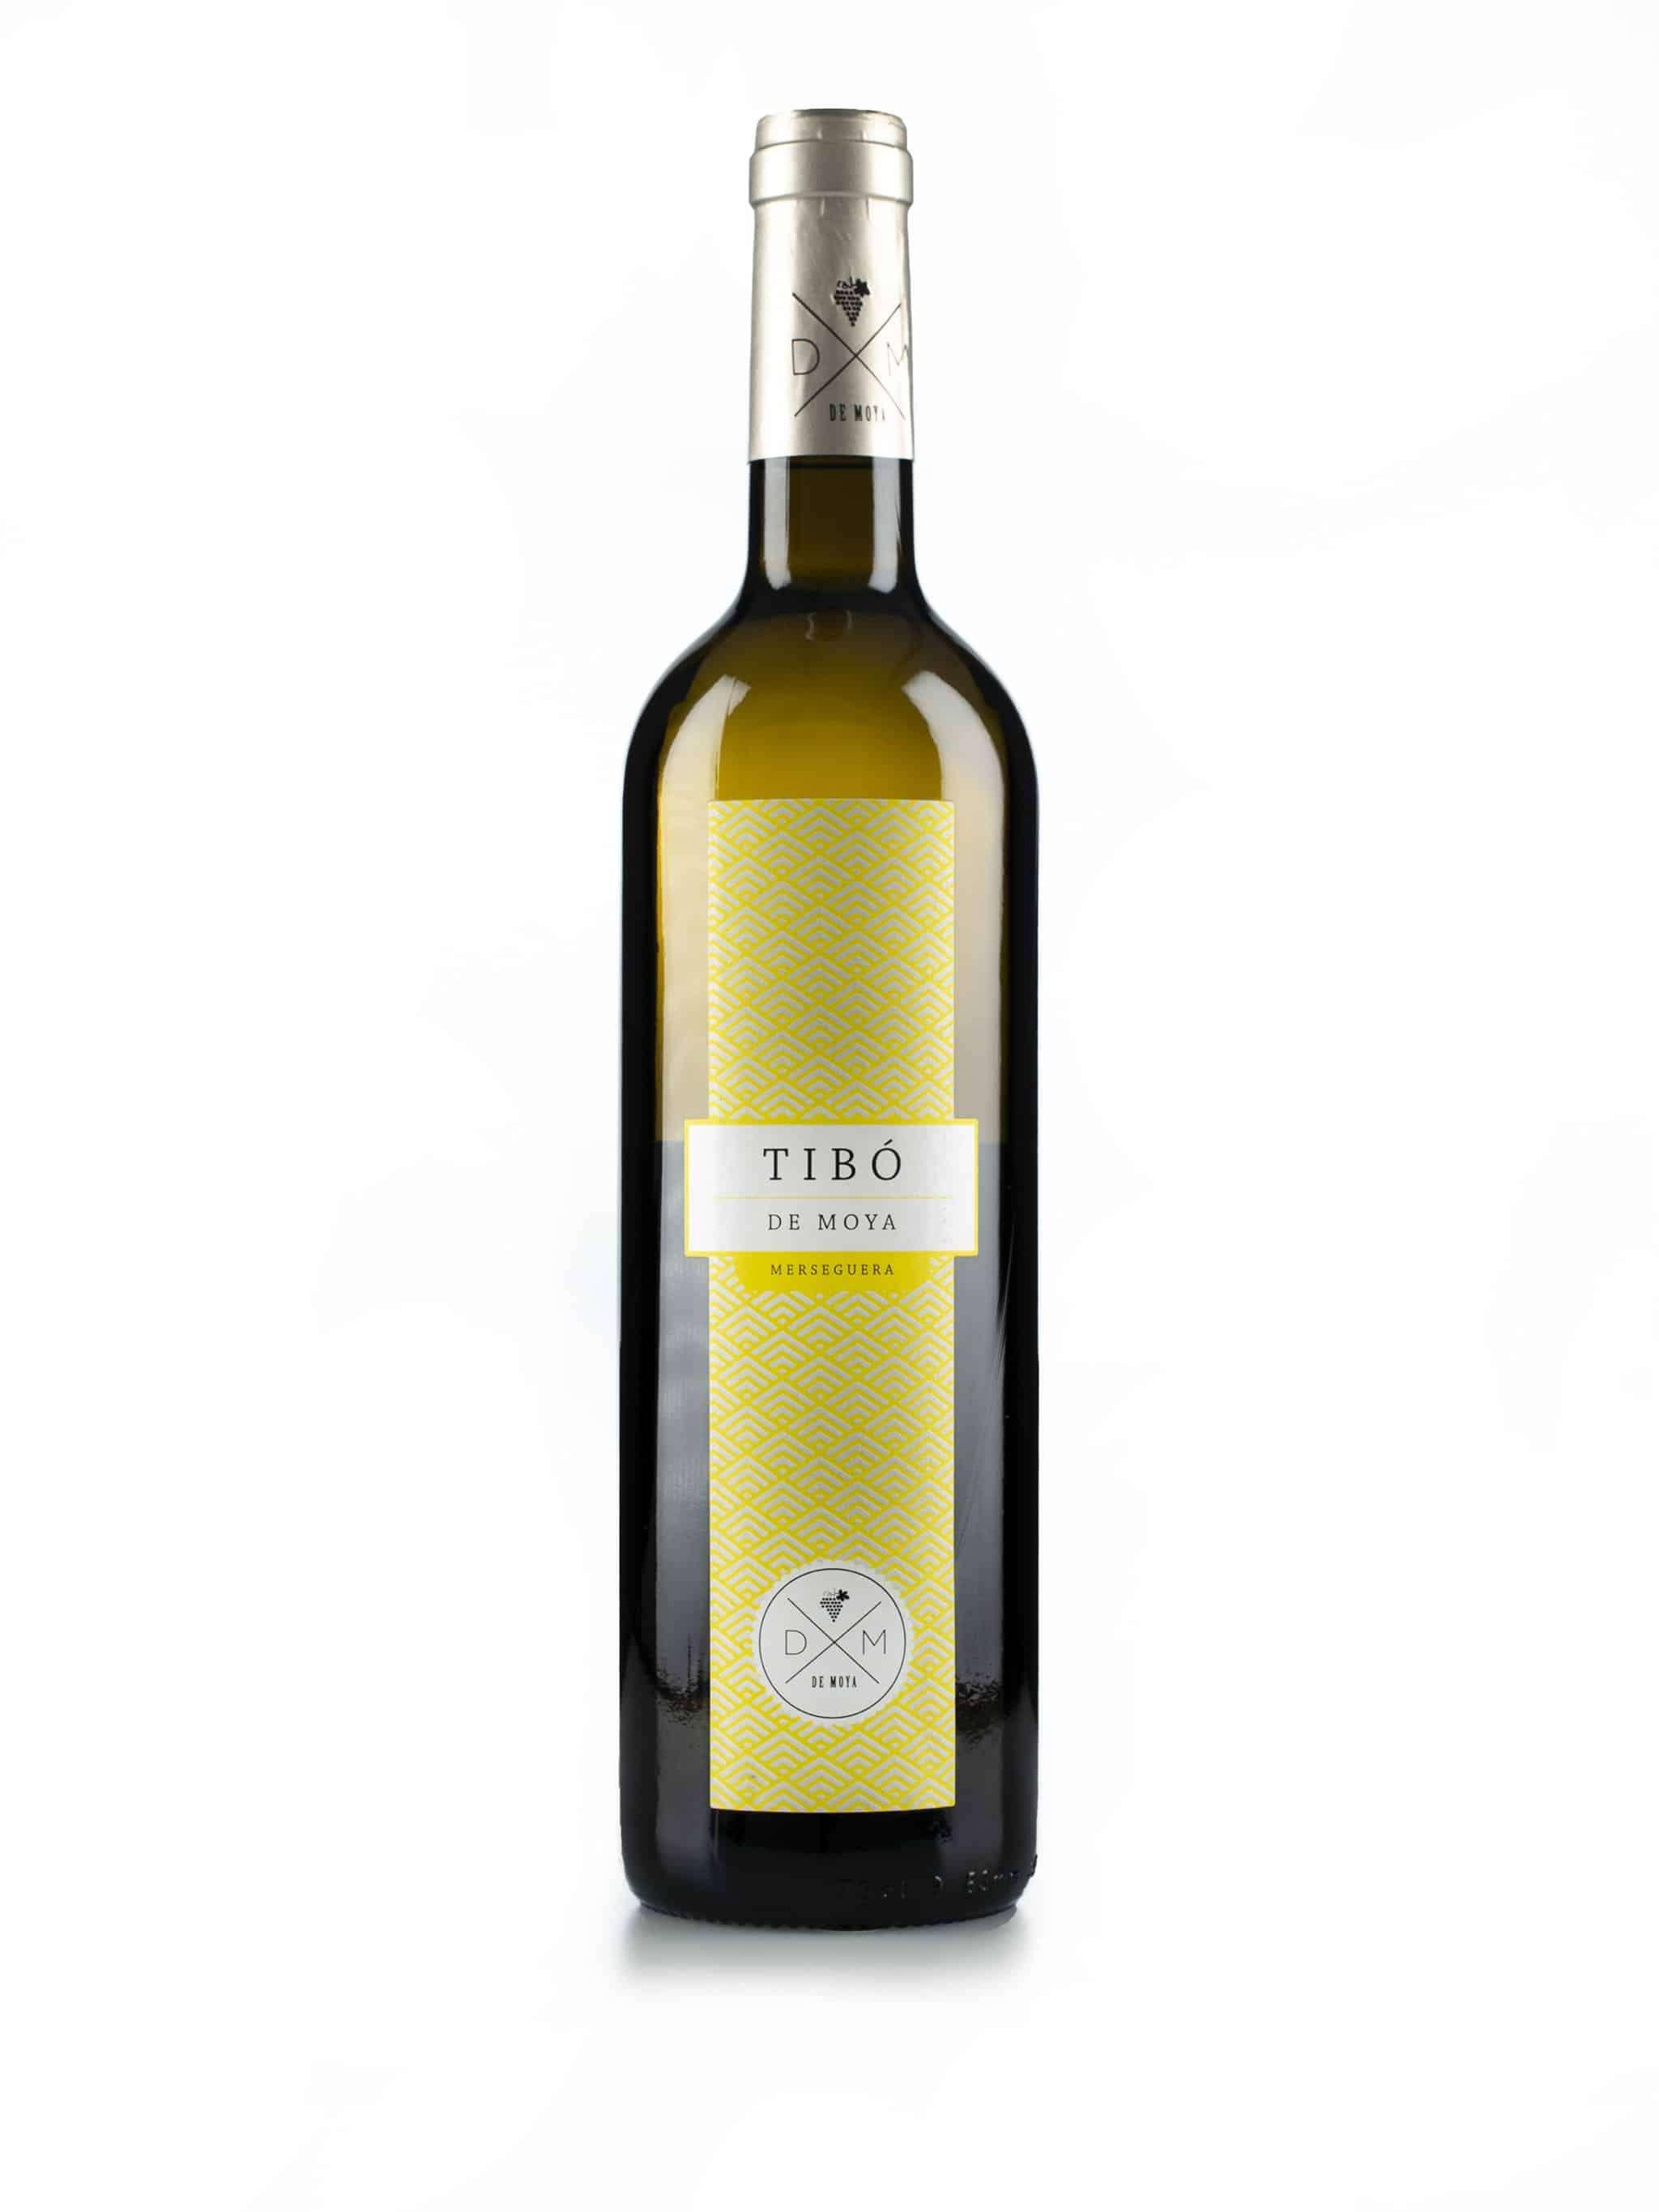 Spaanse witte wijn van wijndomein Bodegas de Moya: Tibo